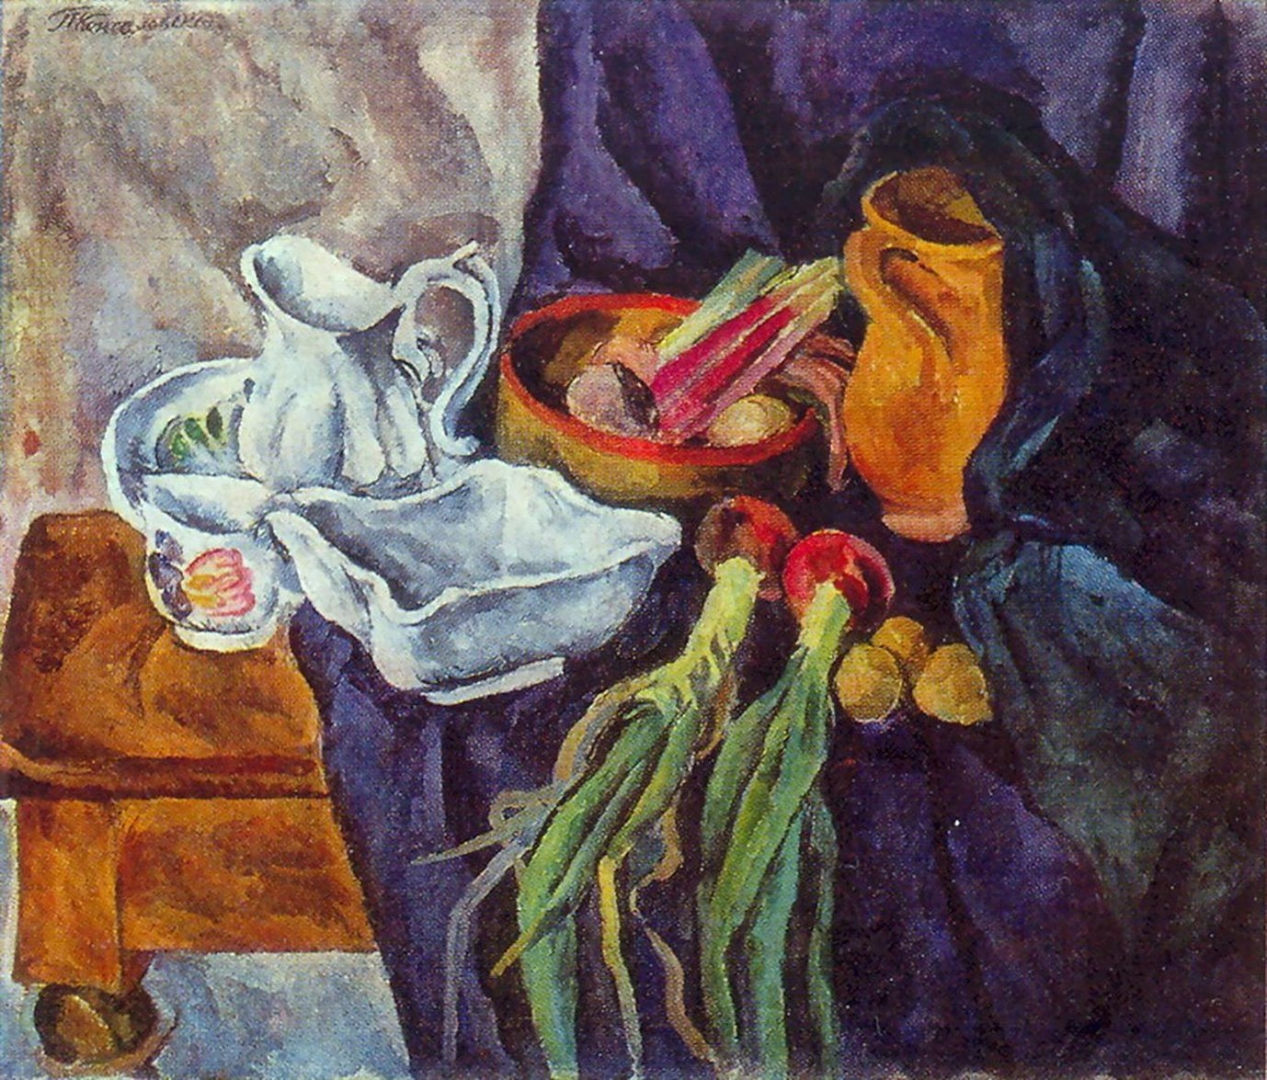 Петр Кончаловский. Натюрморт. 1920